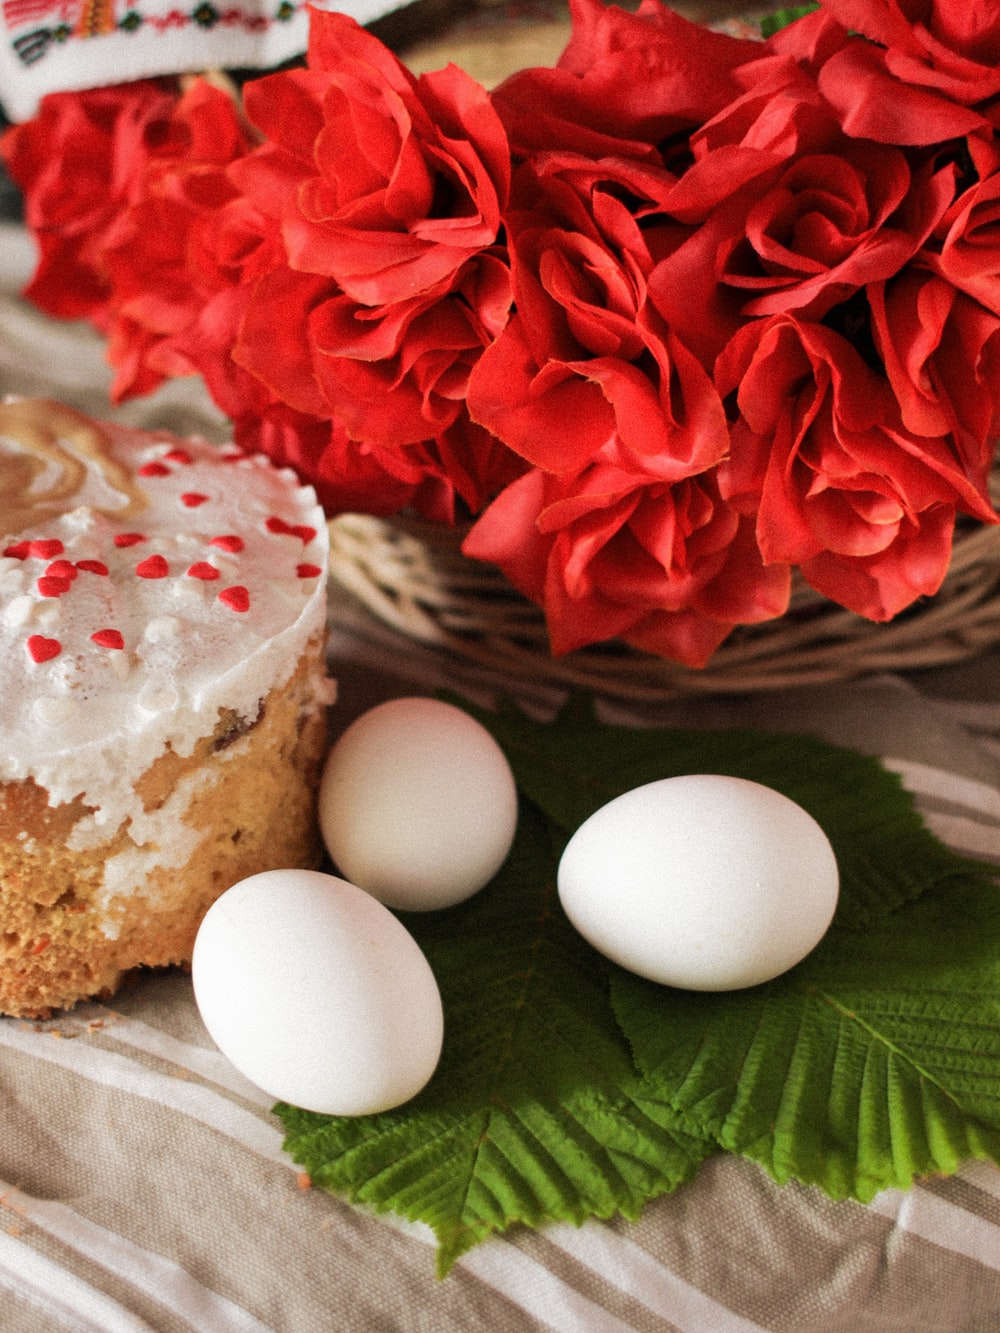 2 white eggs on brown round cake